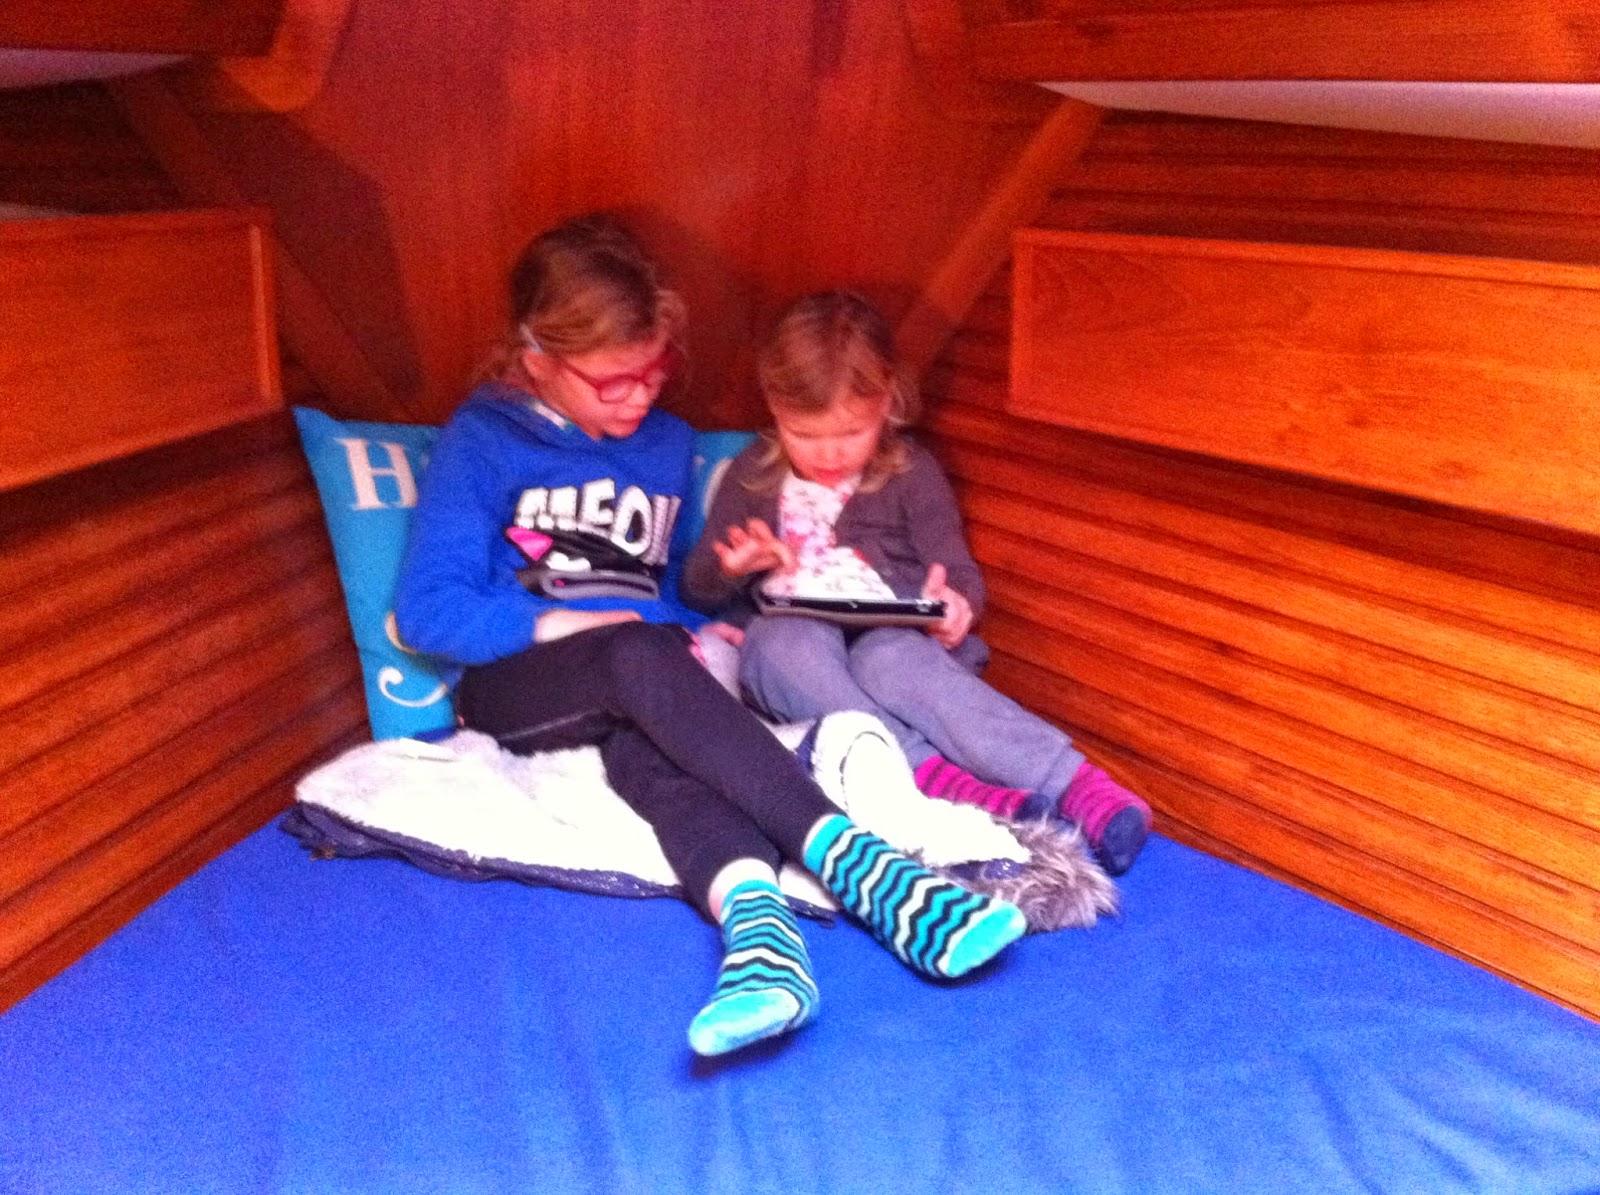 kinderen aan boord met tablet